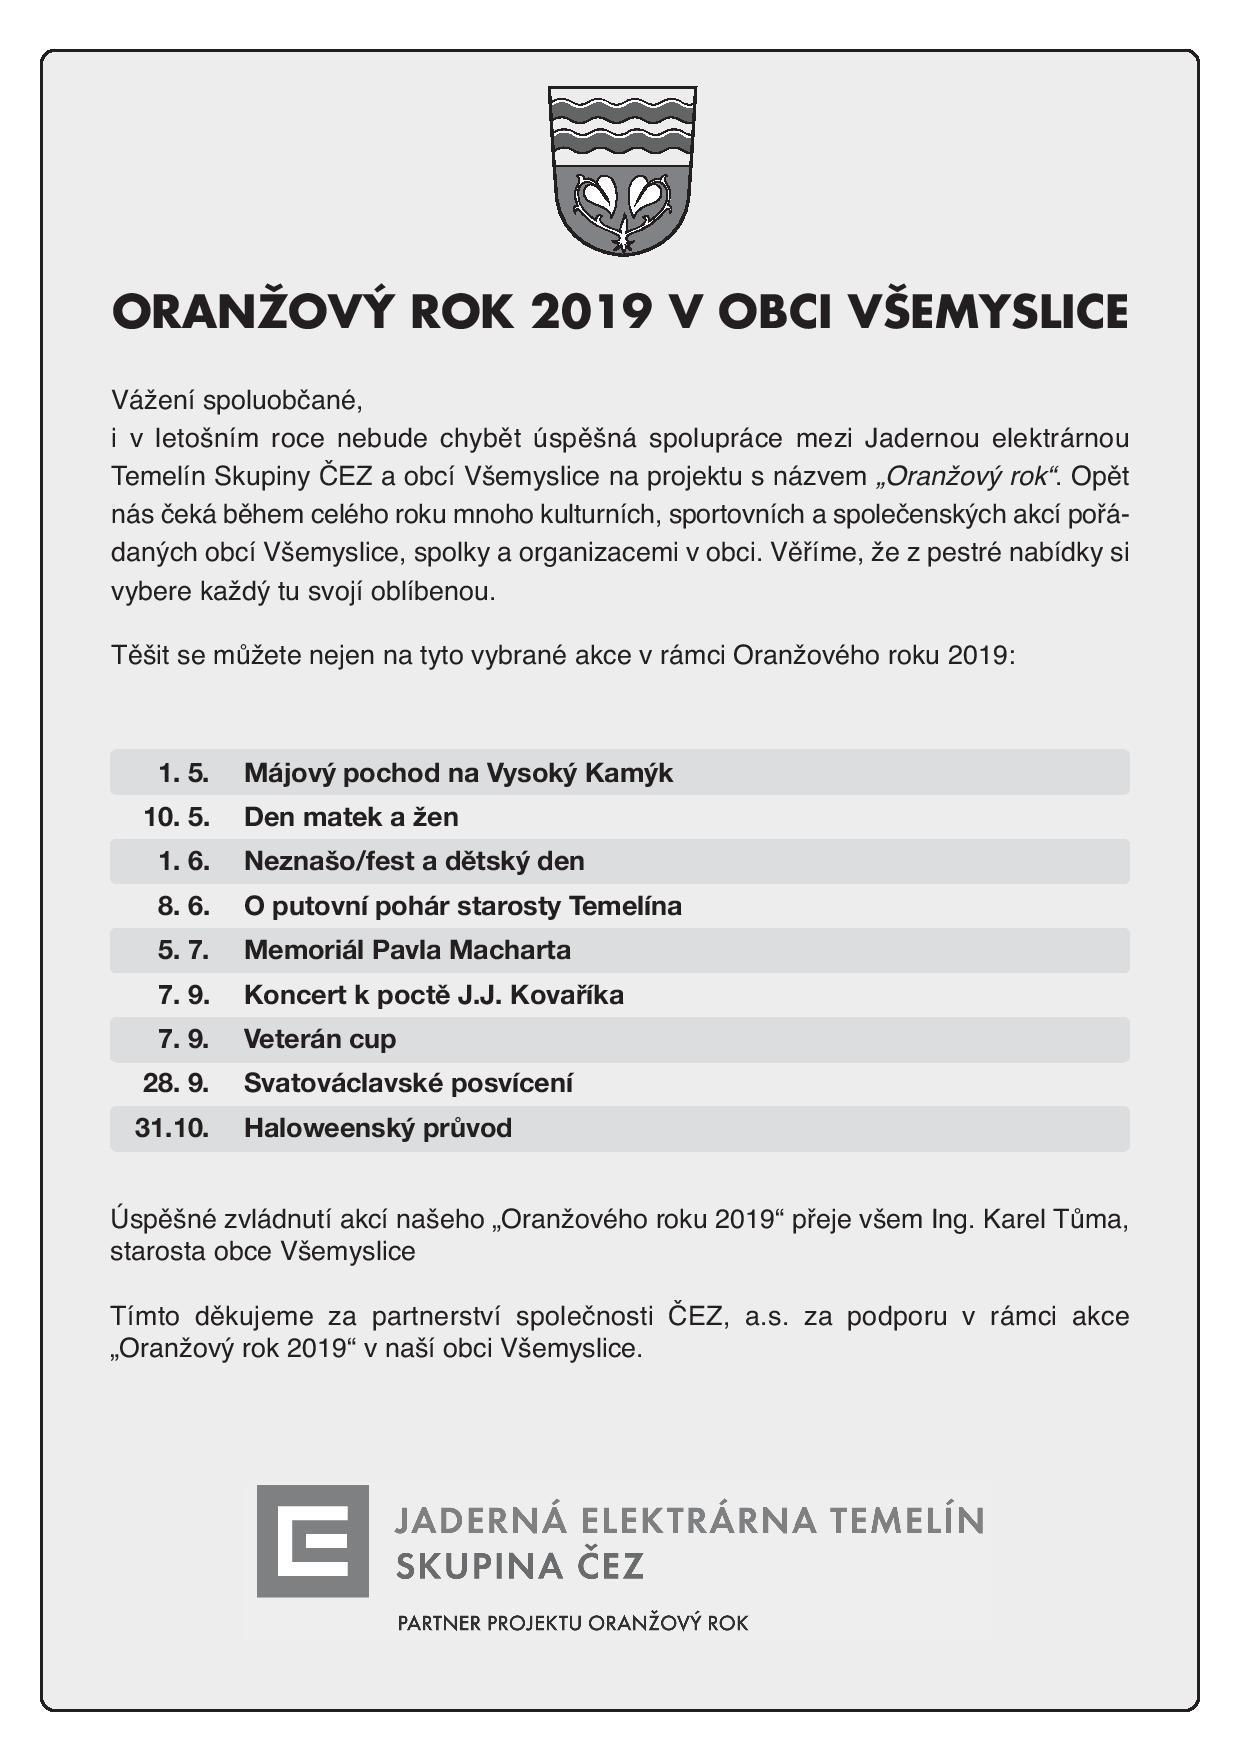 Oranžový rok 2019